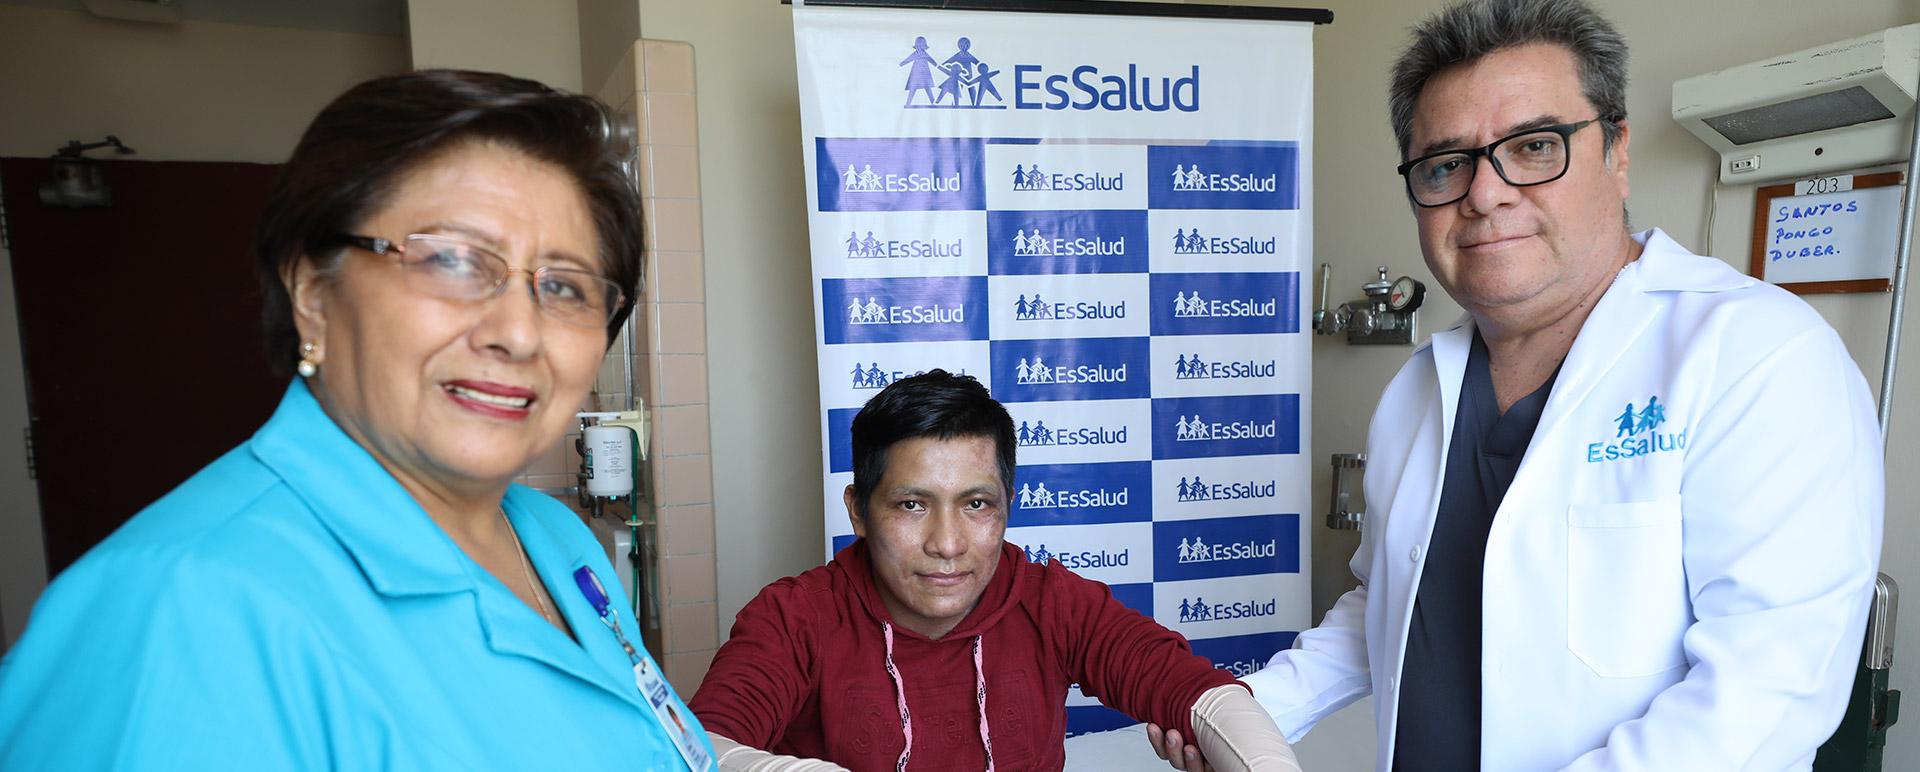 Essalud - Con tratamiento especializado EsSalud recupera y da de alta a joven afectado en incendio de VES